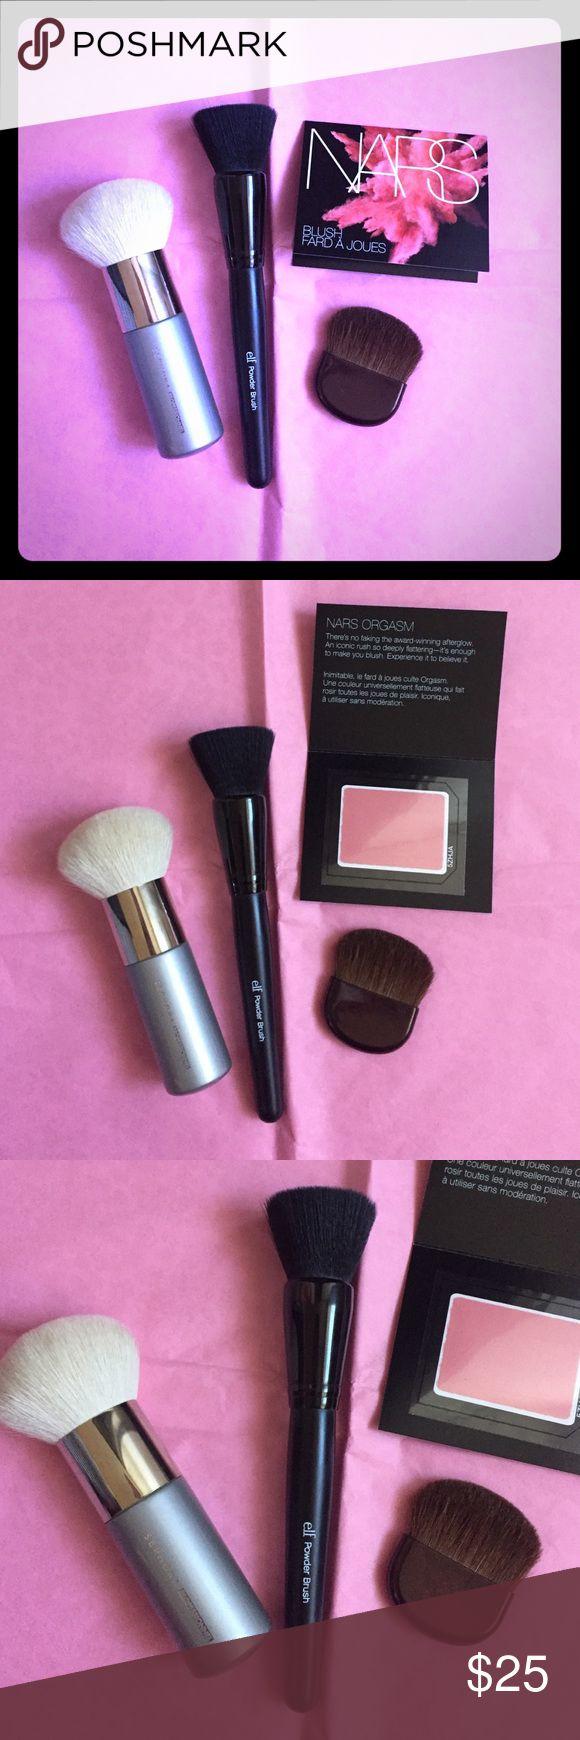 ⚡flash sale✨ bundle ! bundle - sephora bronzer brush, elf powder brush, shiseido bronzer brush, nars orgasm sample blush. NO TRADE Sephora Makeup Brushes & Tools